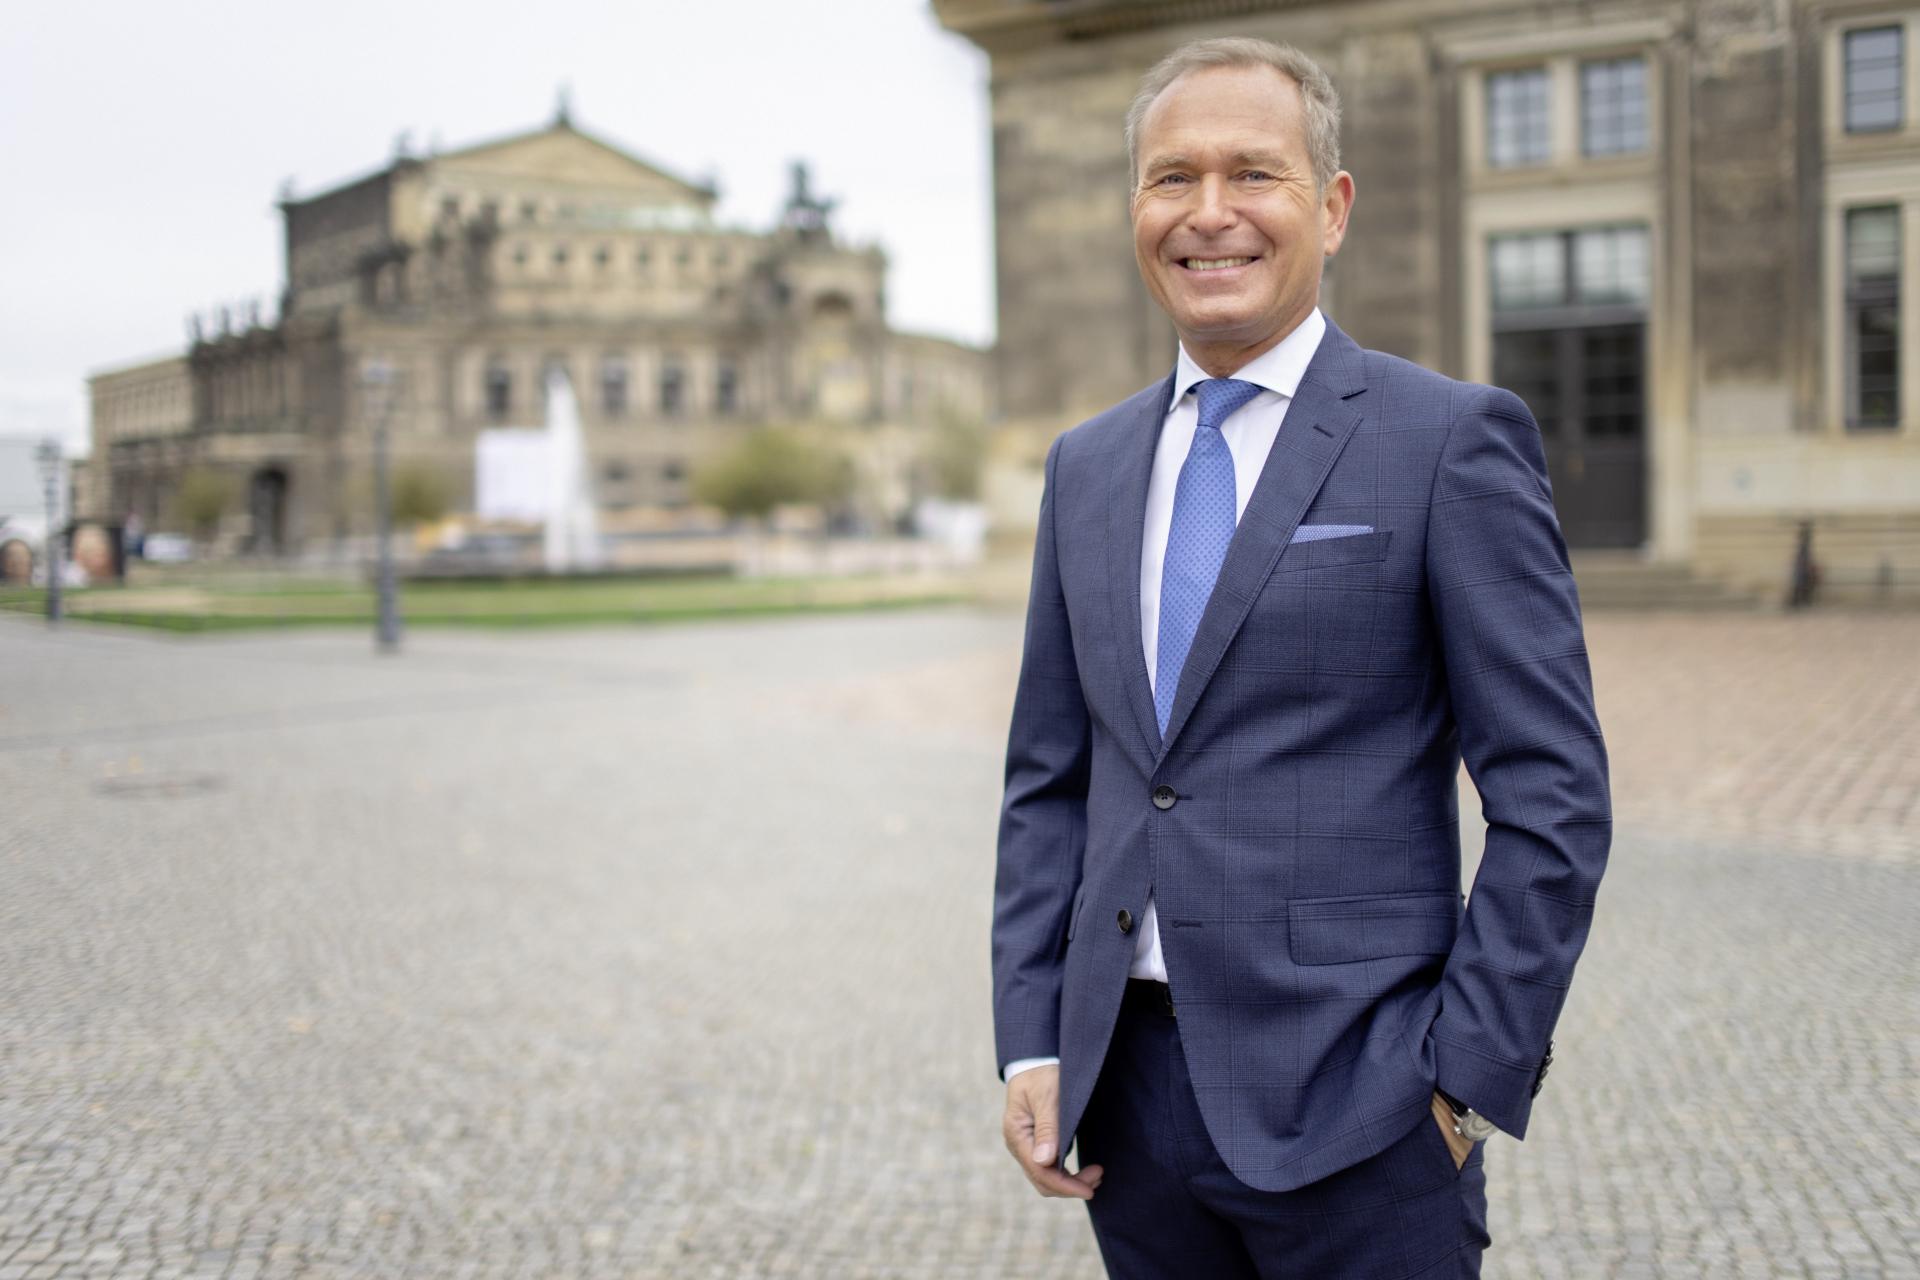 Lizenzpartner von DAHLER & COMPANY: Ralf Kugler im Interview